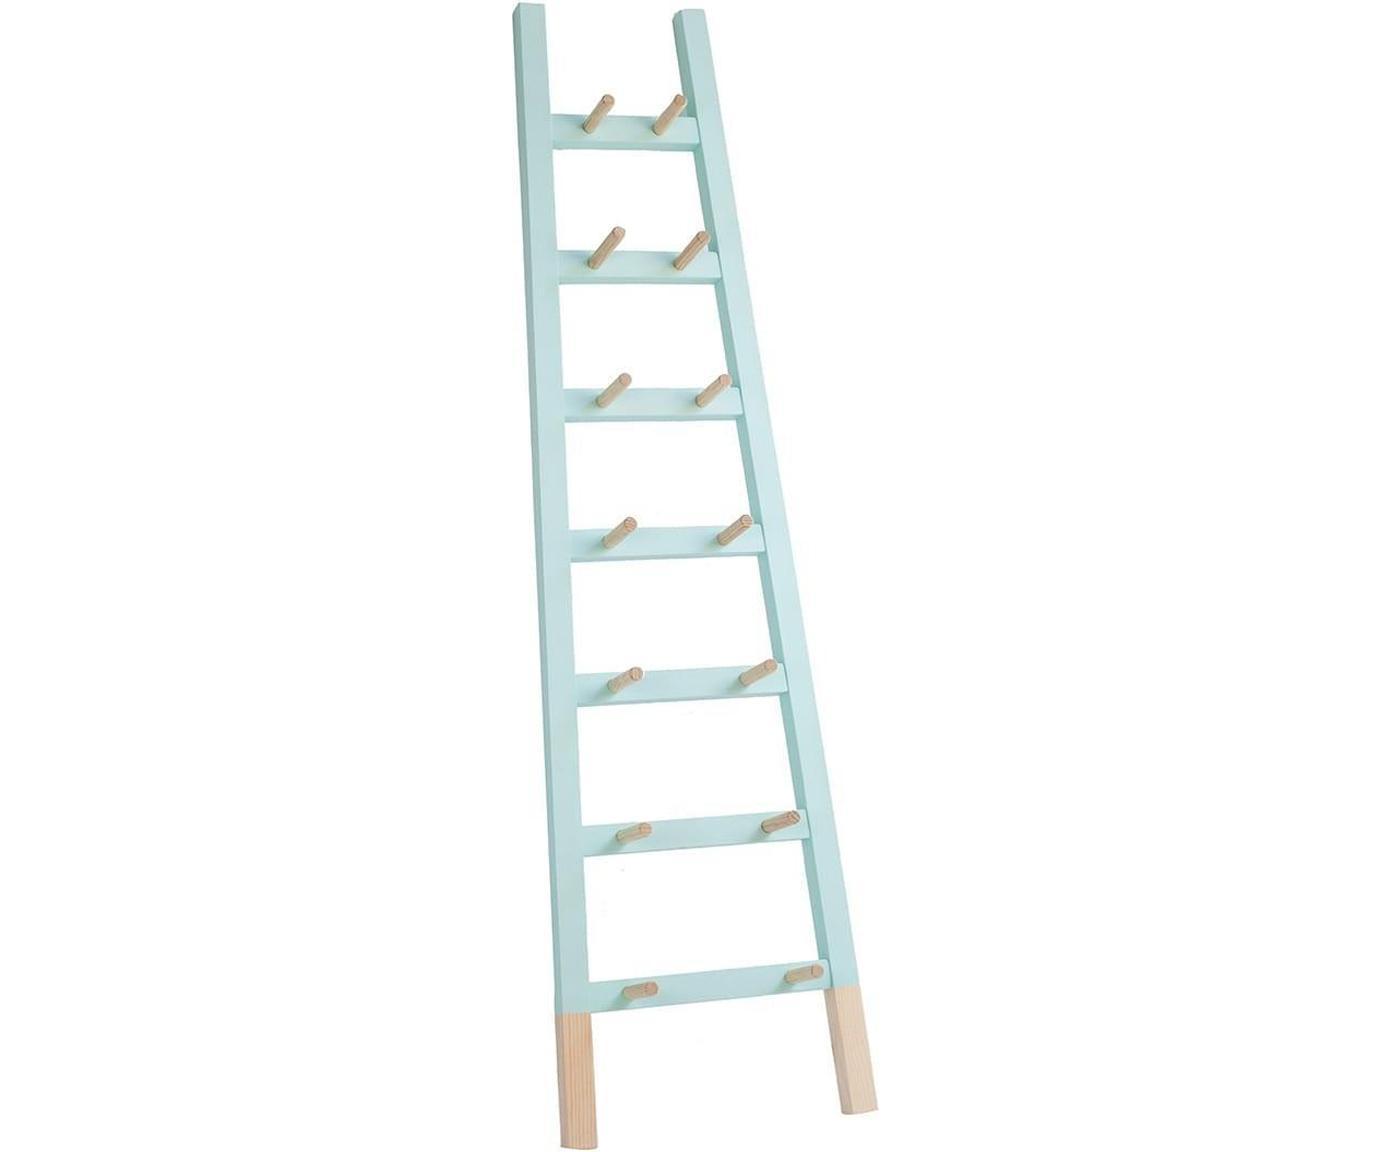 Estantería escalera Agun, Madera de pino, pintado, Azul claro, An 46 x Al 170 cm